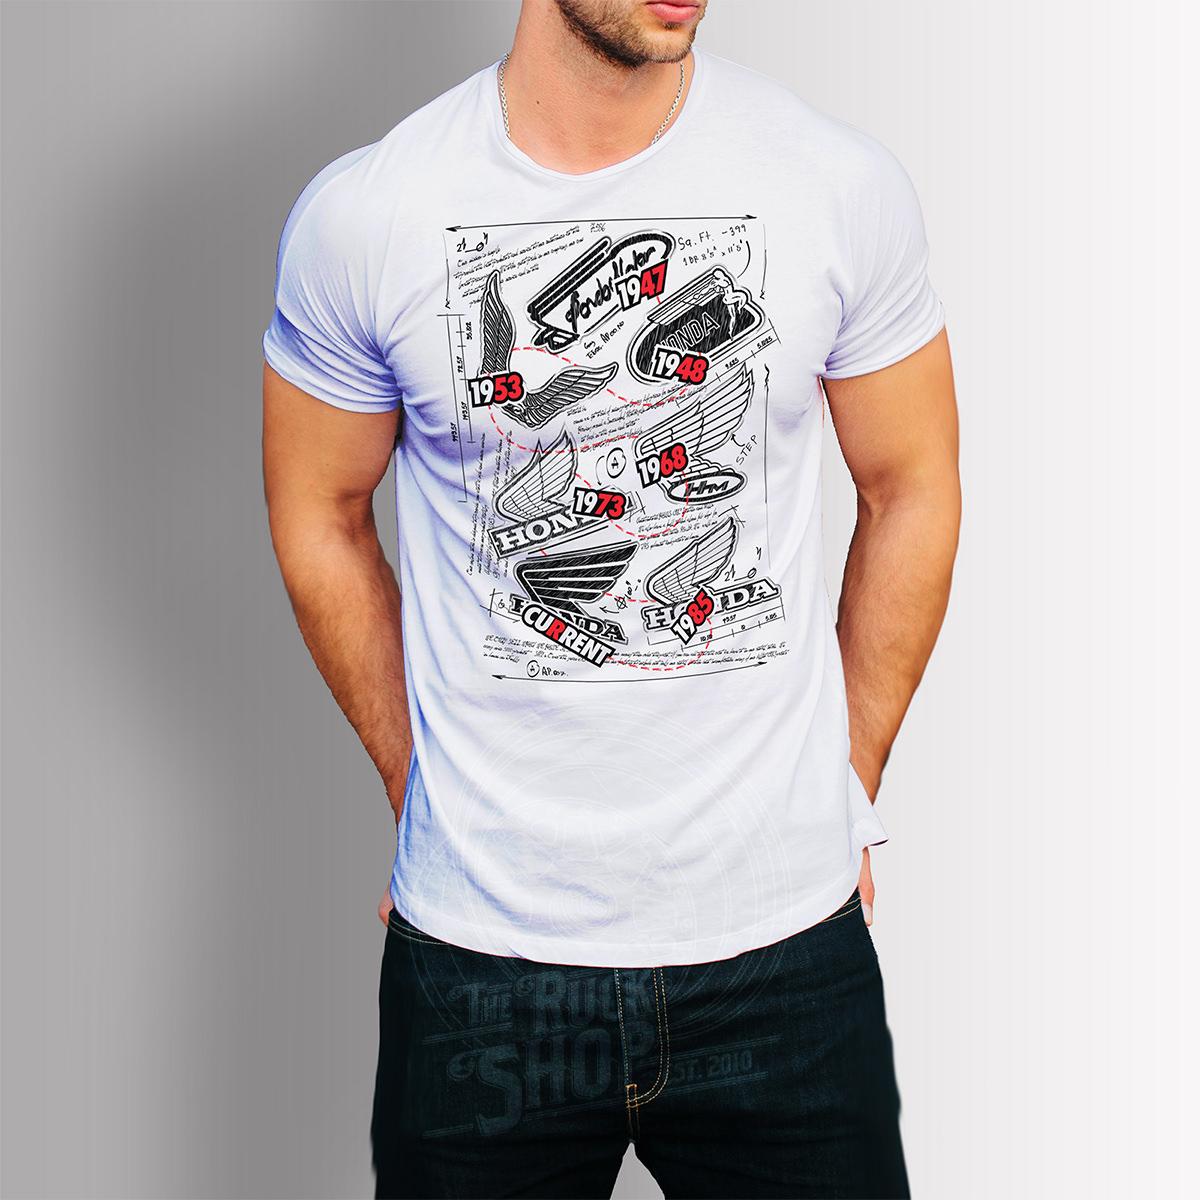 Honda Legacy thru Time shirt 60/40 Blend Premium Shirt S-3XL 2 colors – The Ruck Shop